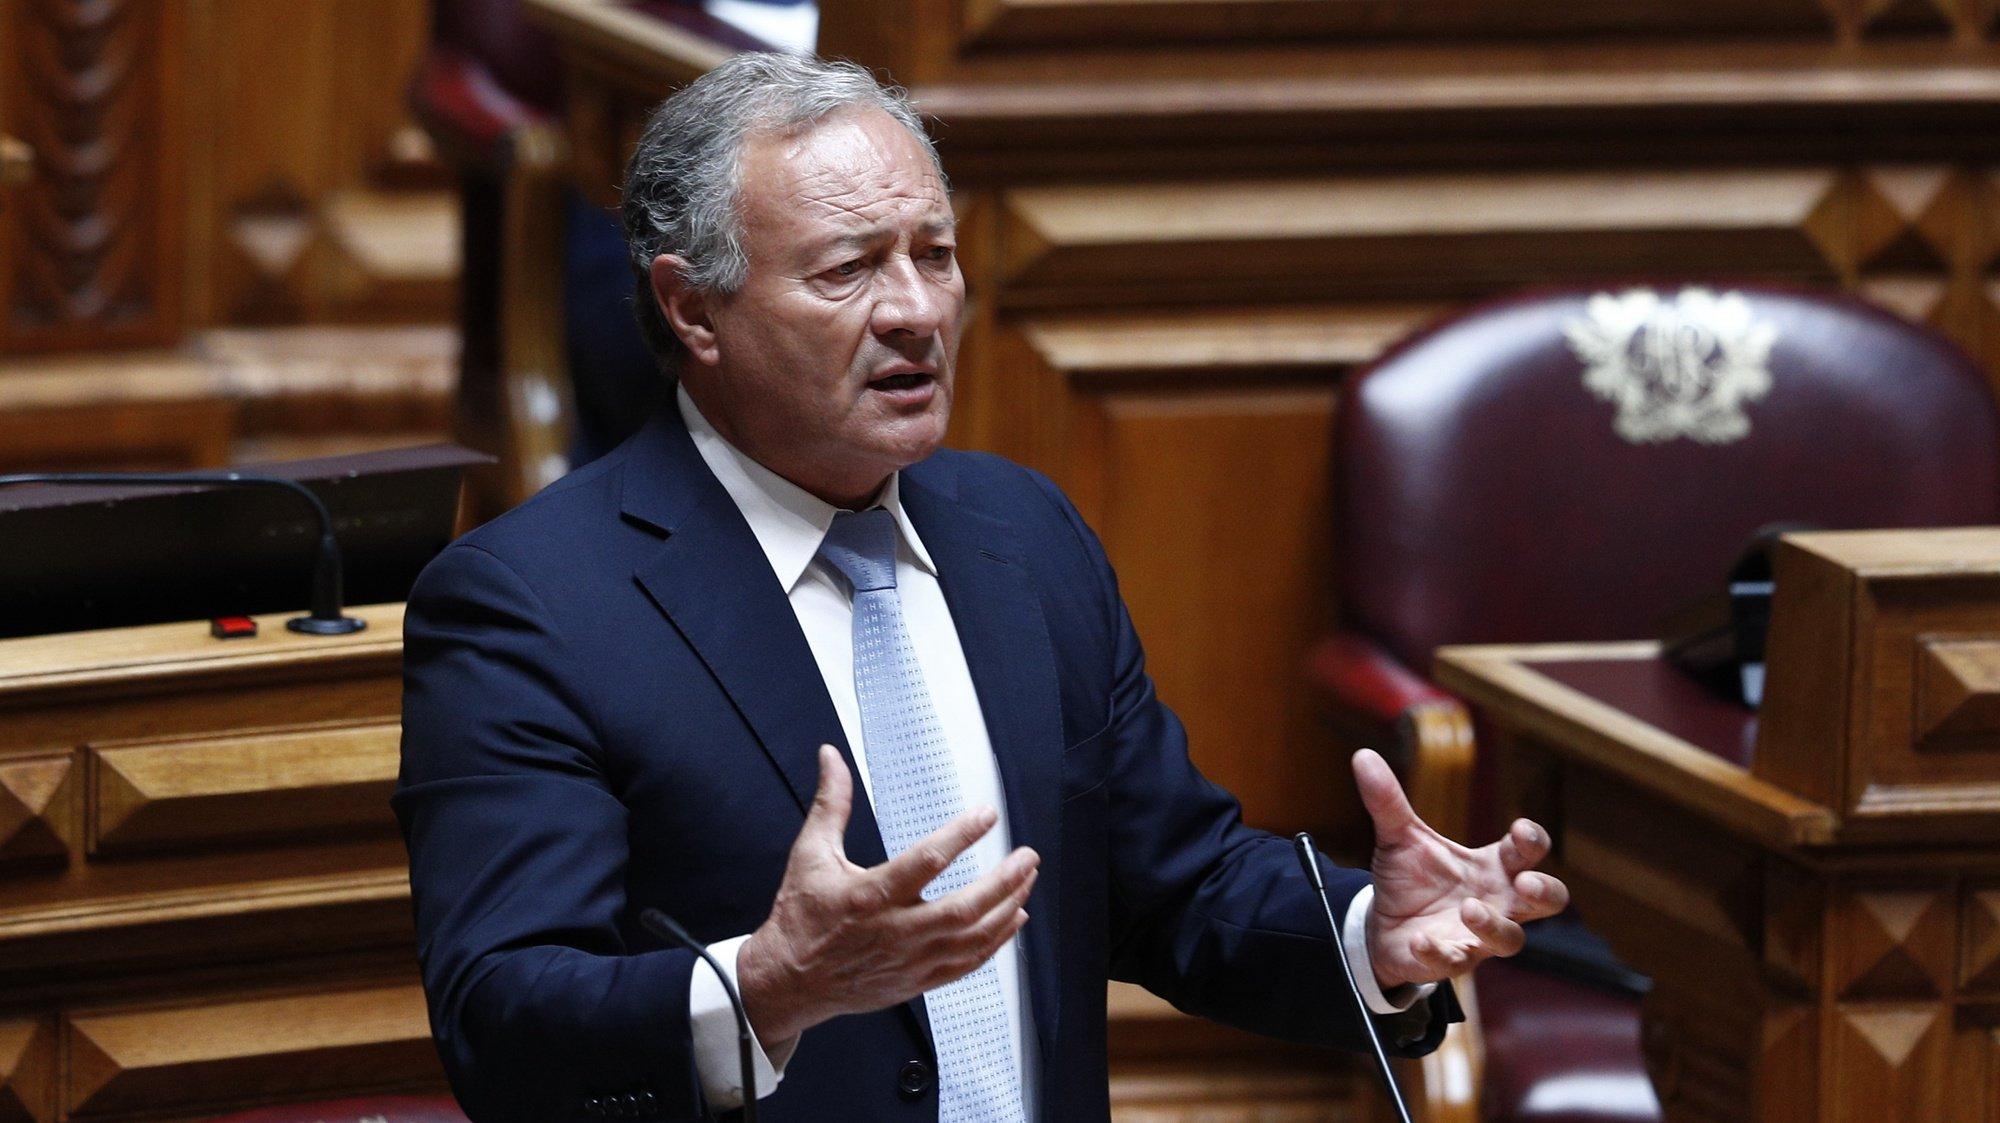 O vice presidente do PSD, Adão e Silva, intervém durante o debate parlamentar sobre o estado da Nação, na Assembleia da República, em Lisboa, 21 de julho de 2021. ANTÓNIO COTRIM/LUSA